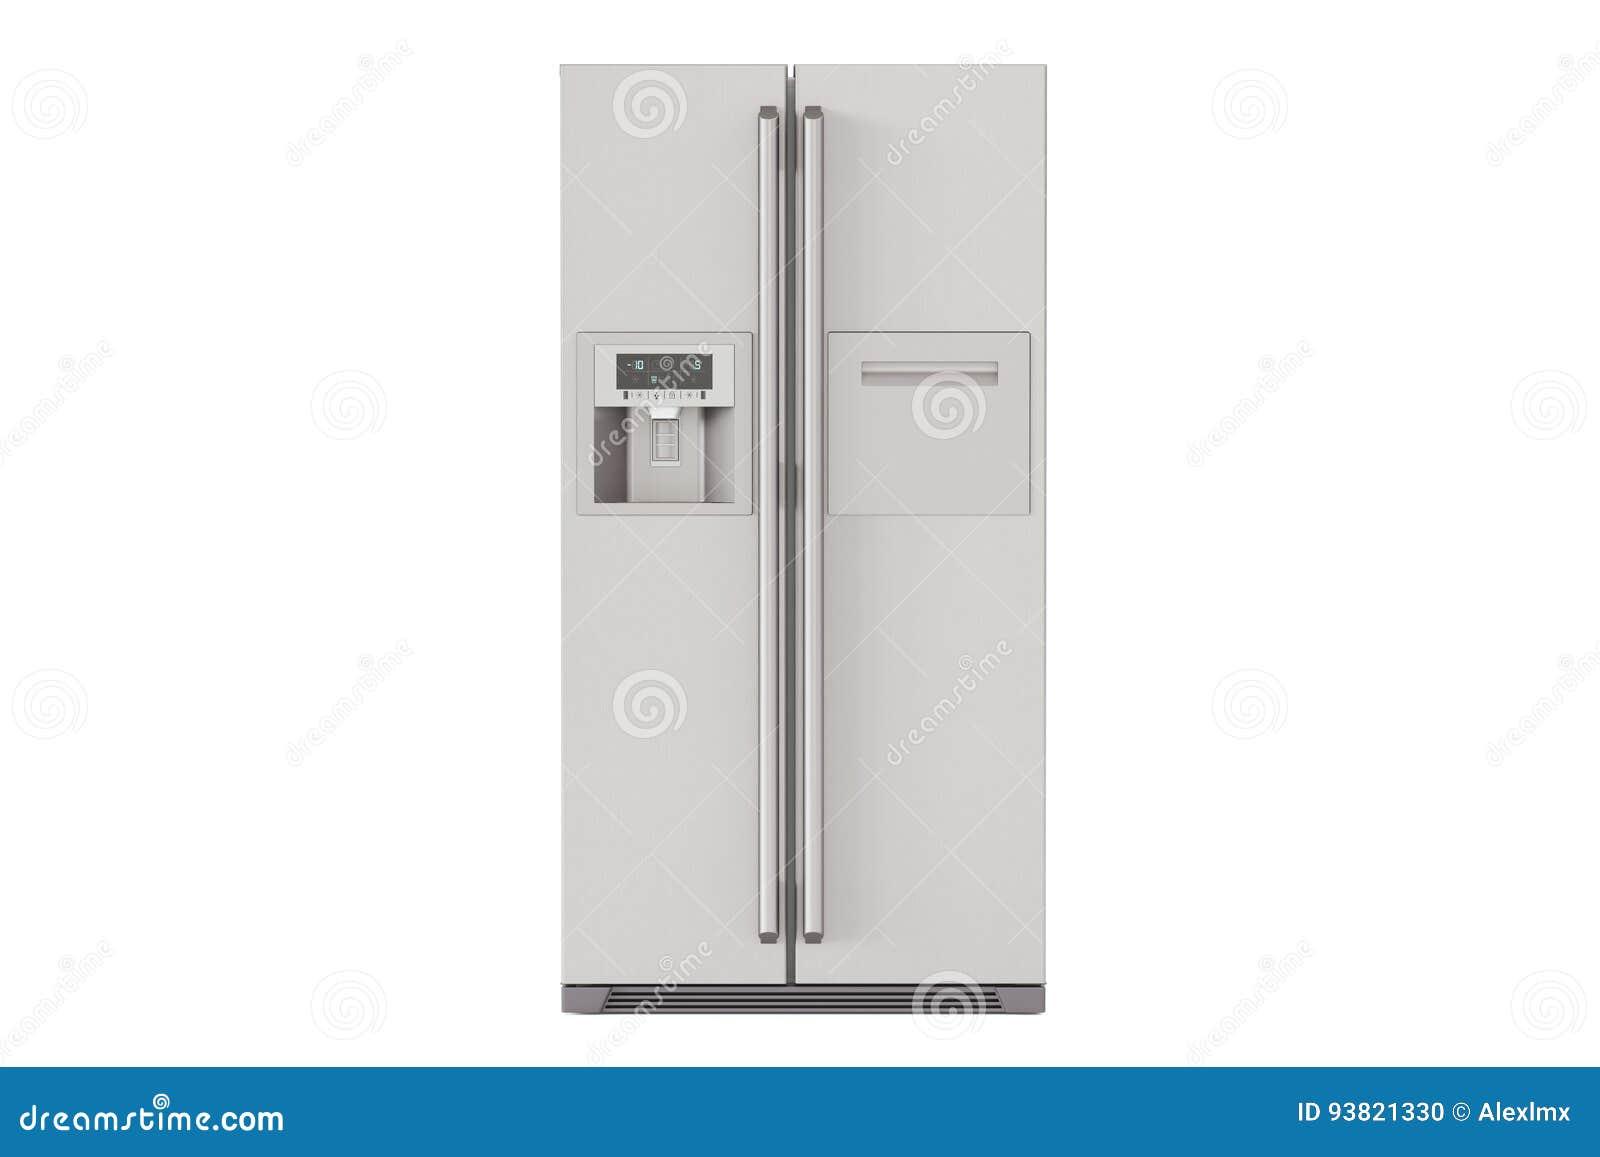 Moderner Kühlschrank Mit Nebeneinander Türsystem, Wiedergabe 3D ...